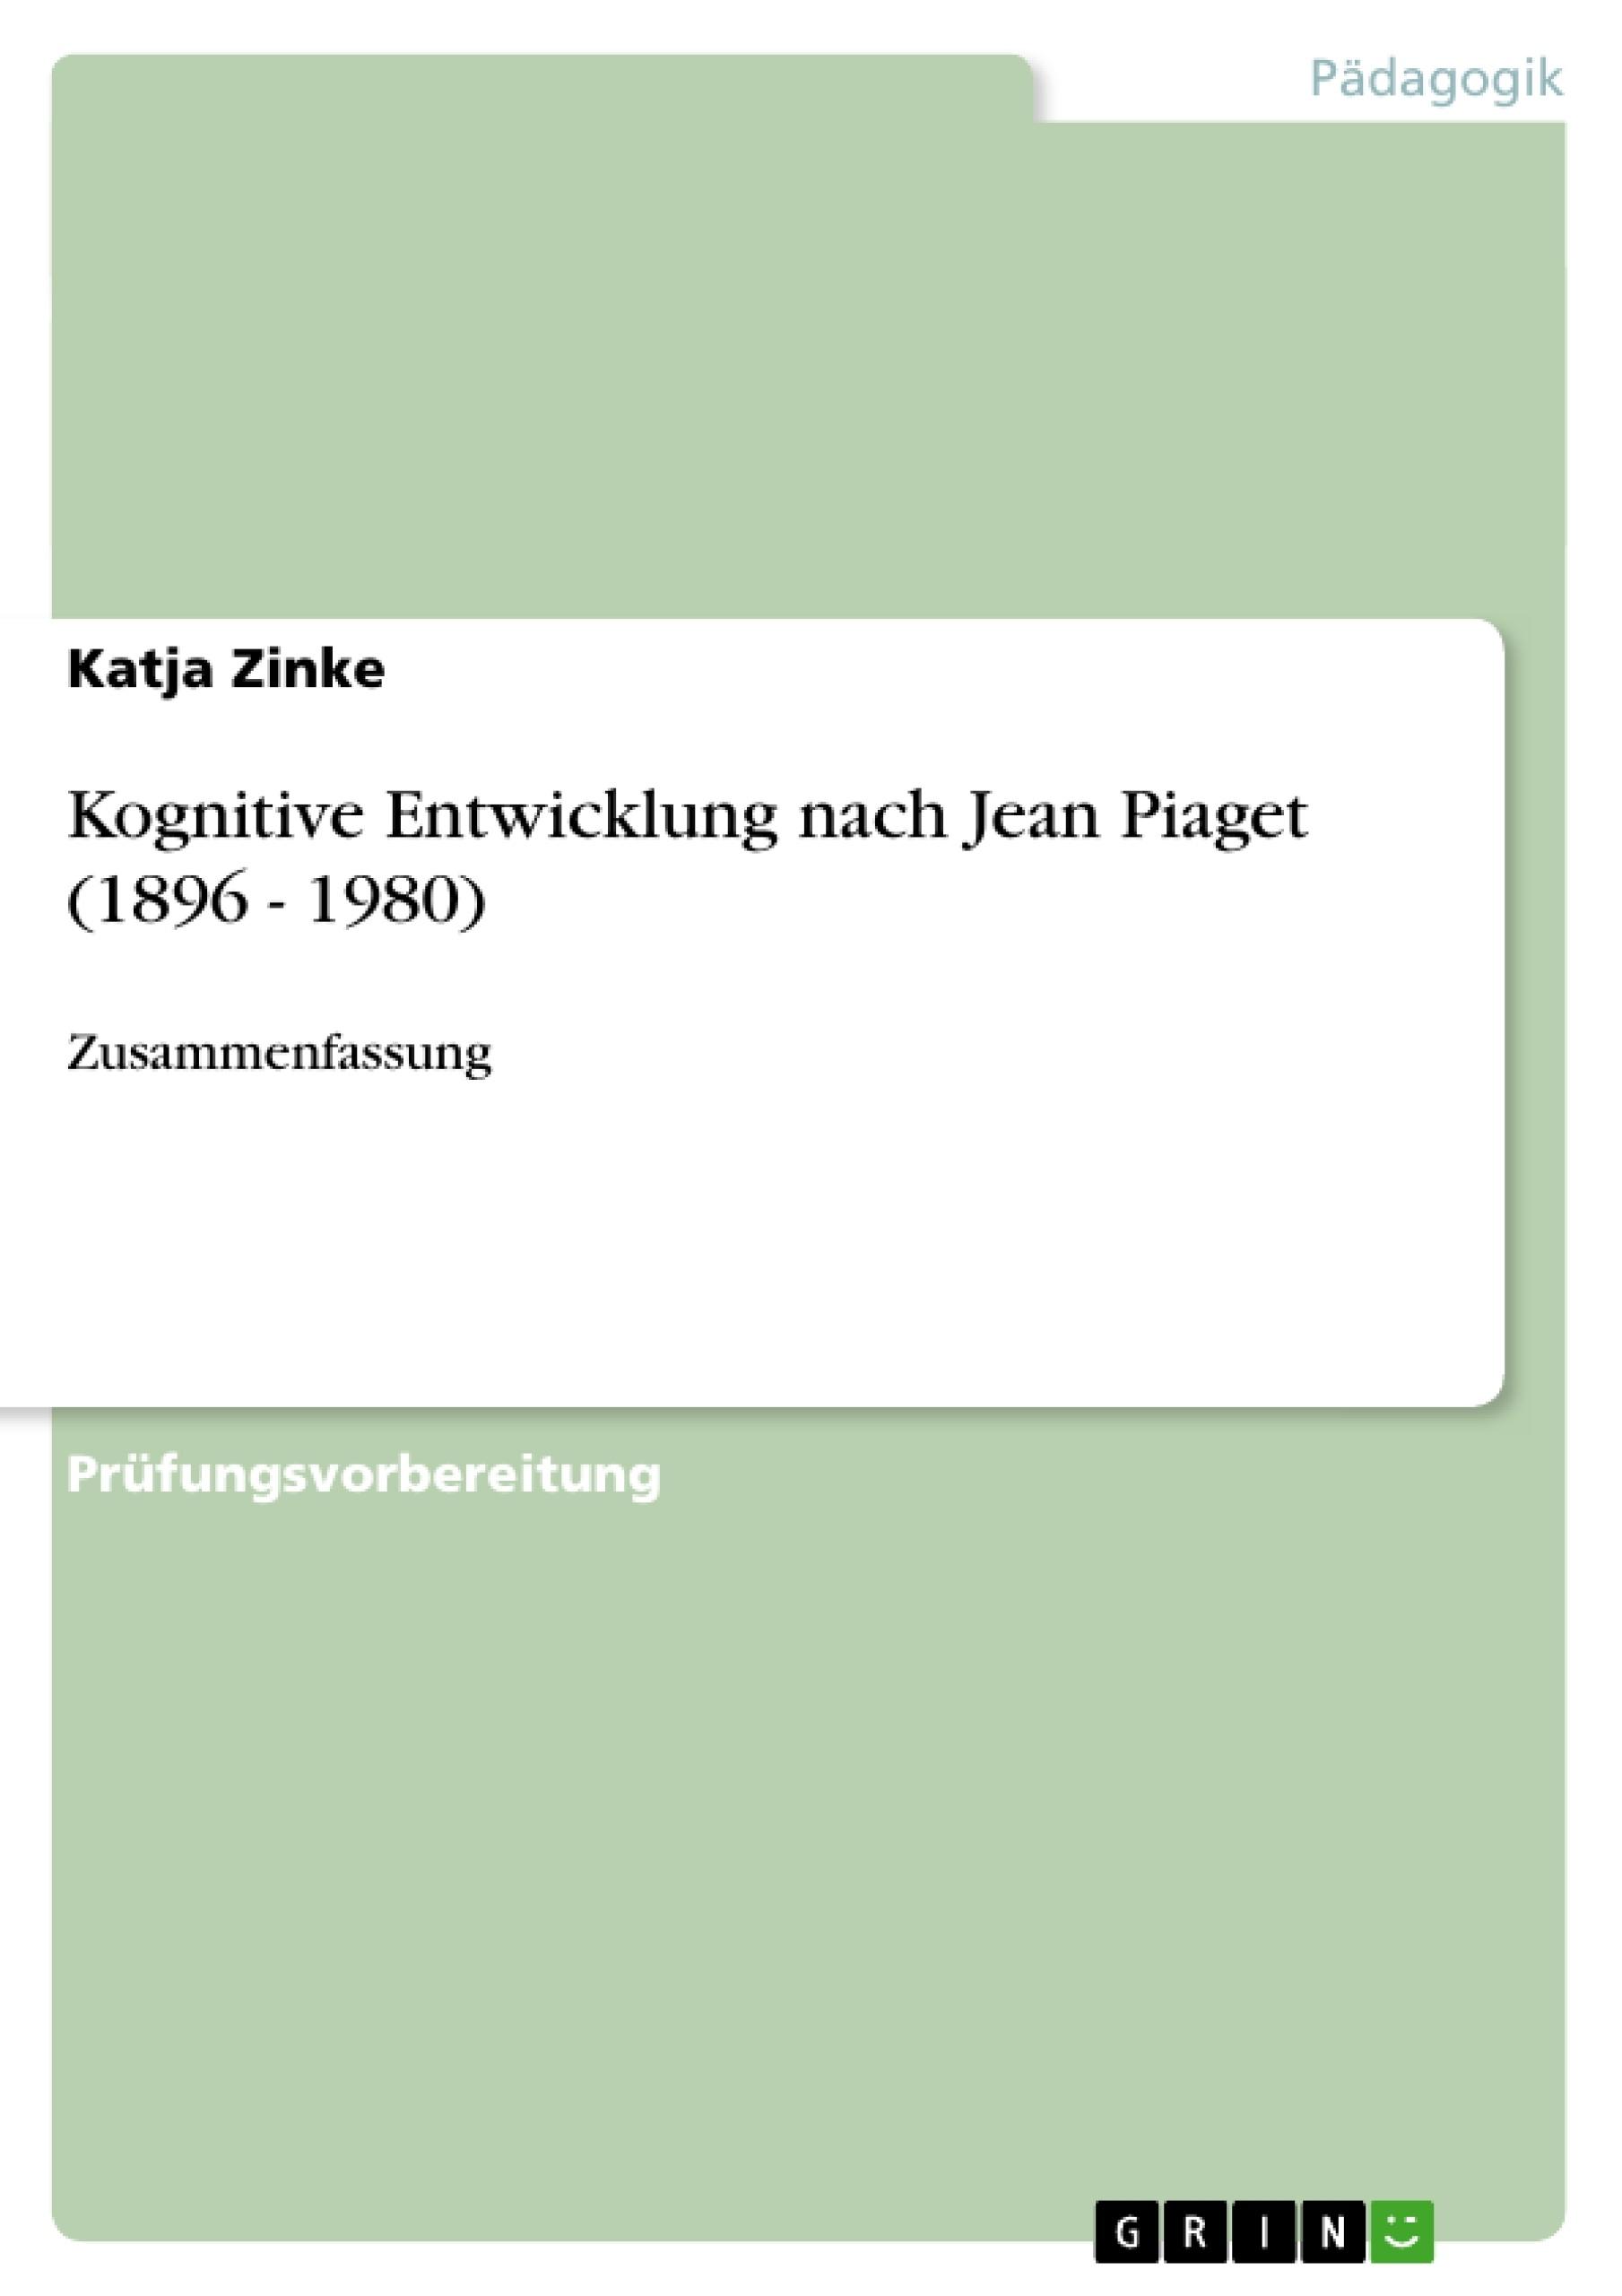 Titel: Kognitive Entwicklung nach Jean Piaget (1896 - 1980)